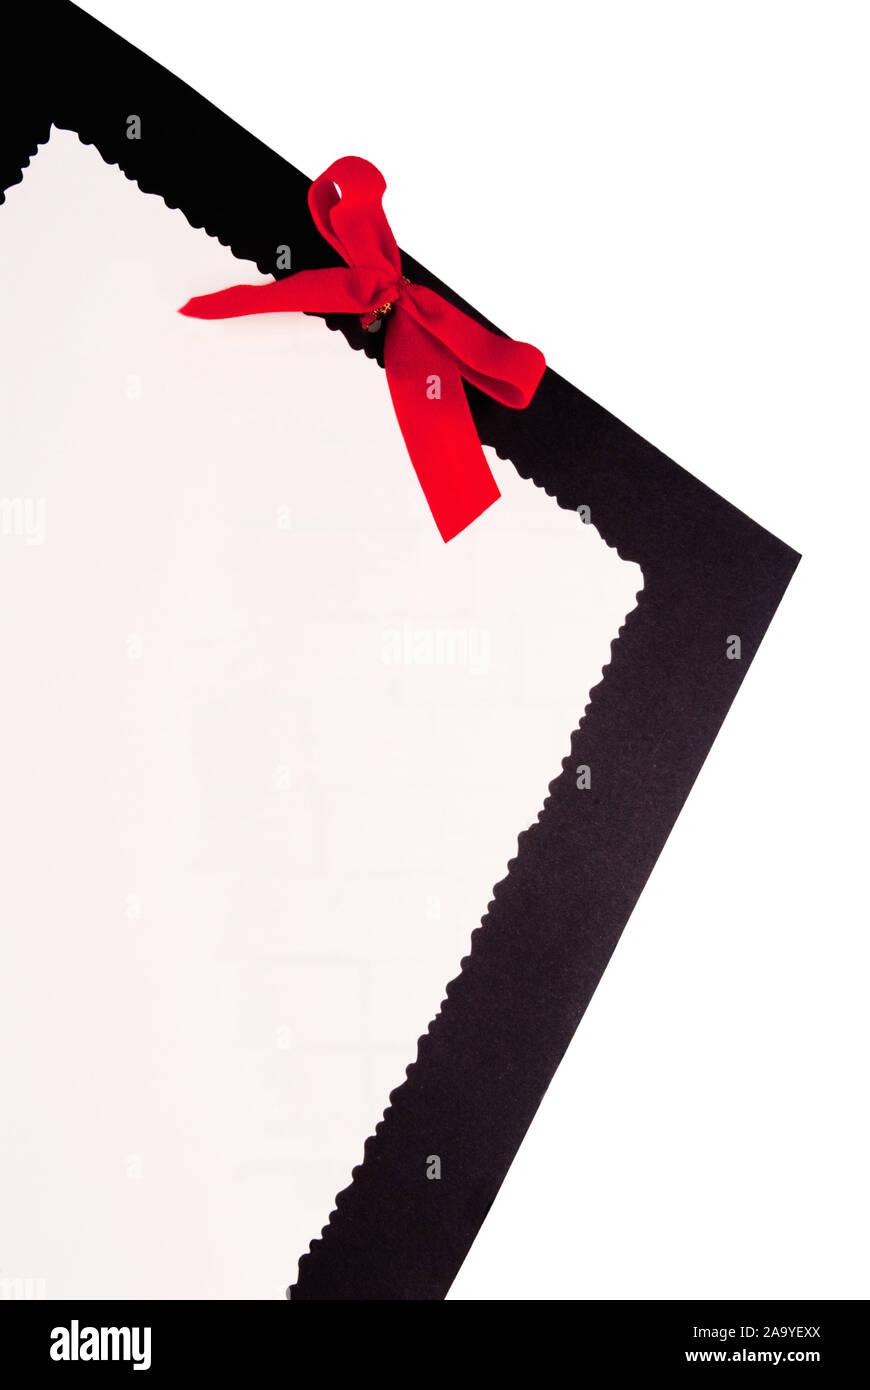 35+ Scallop Edge Ribbon Cut Strap Clipart